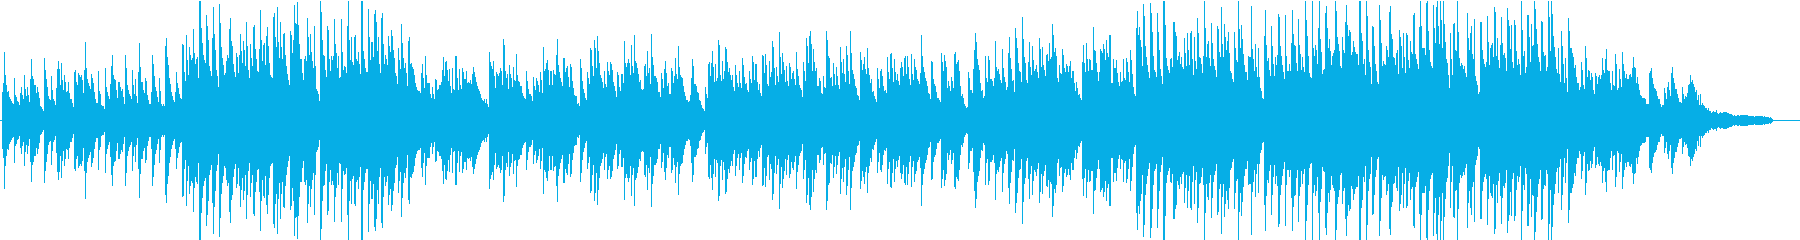 秋の情景を思わせる和風ピアノの再生済みの波形